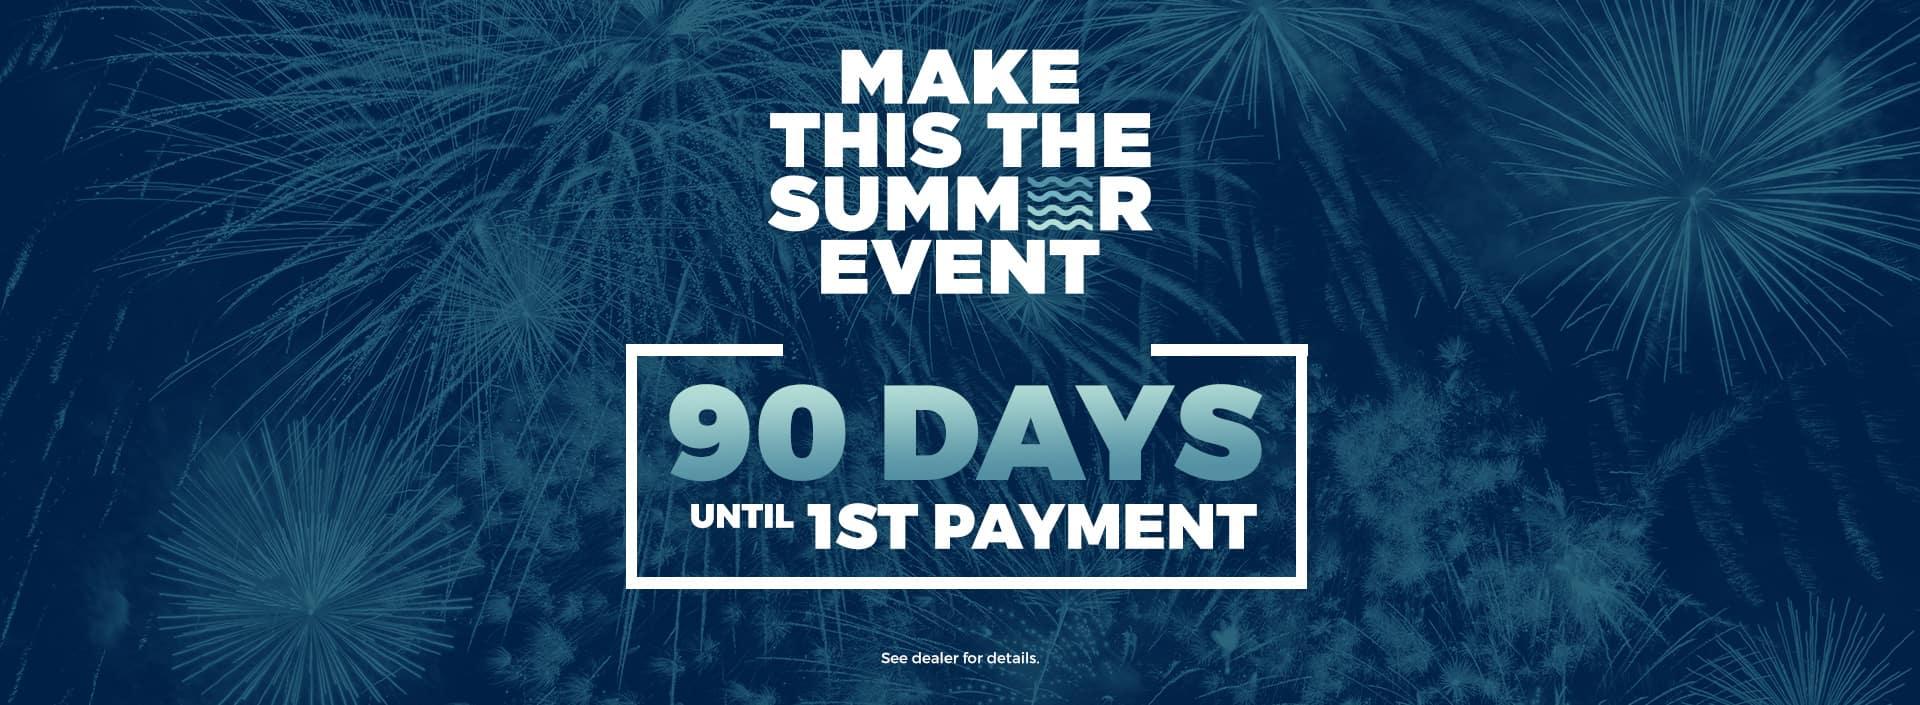 90 days till 1st payment